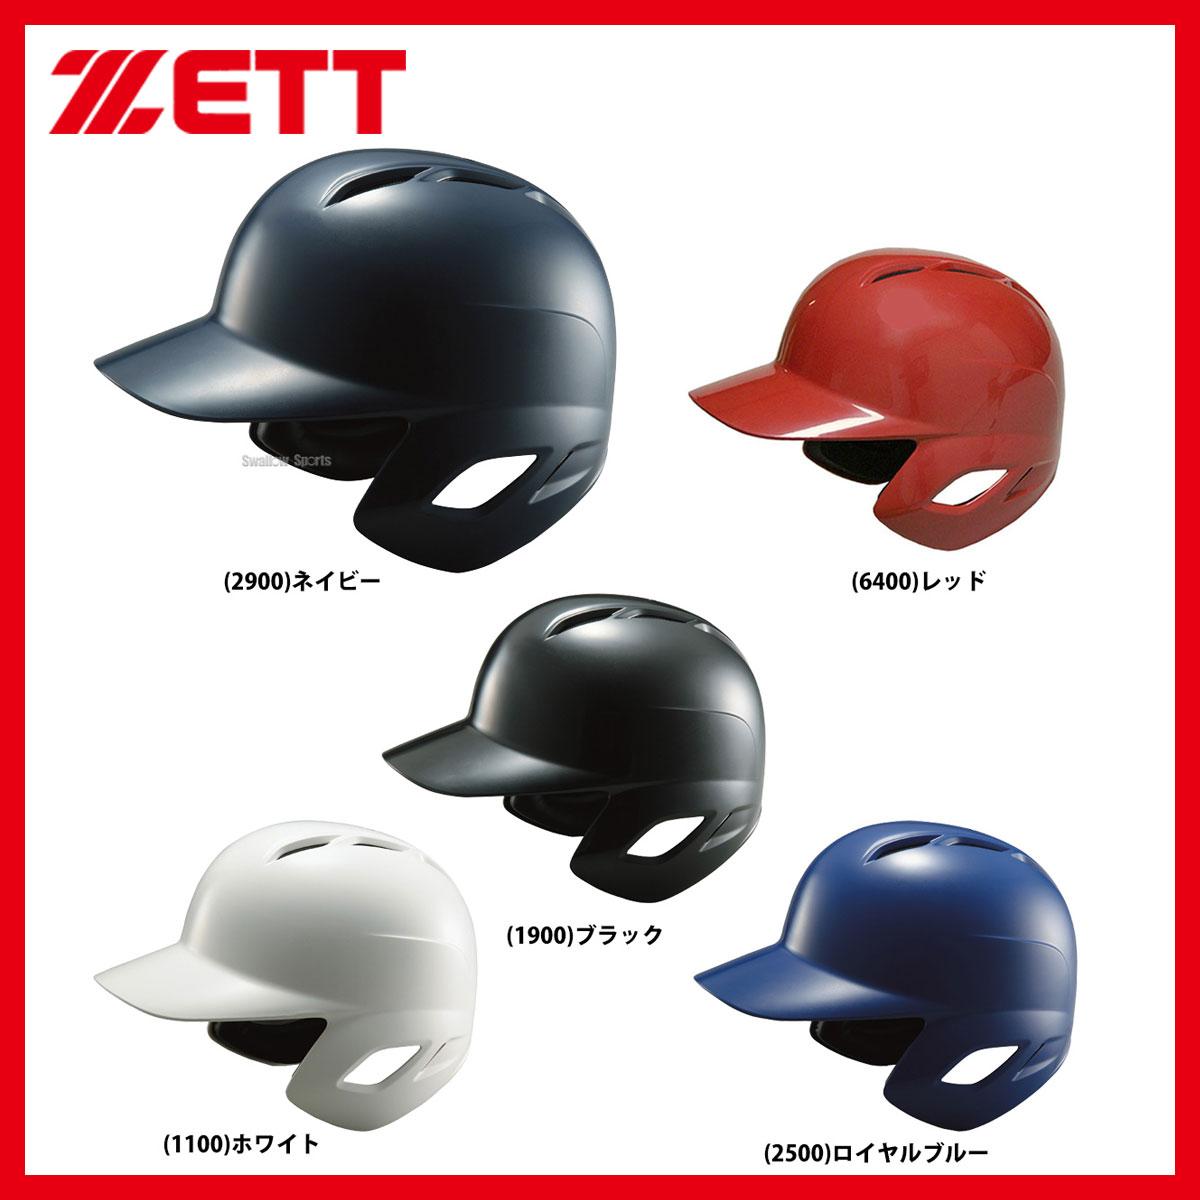 ゼット ZETT ソフトボール用 バッティング ヘルメット BHL570 ヘルメット 両耳 ZETT 新入学 野球部 新入部員 野球用品 スワロースポーツ